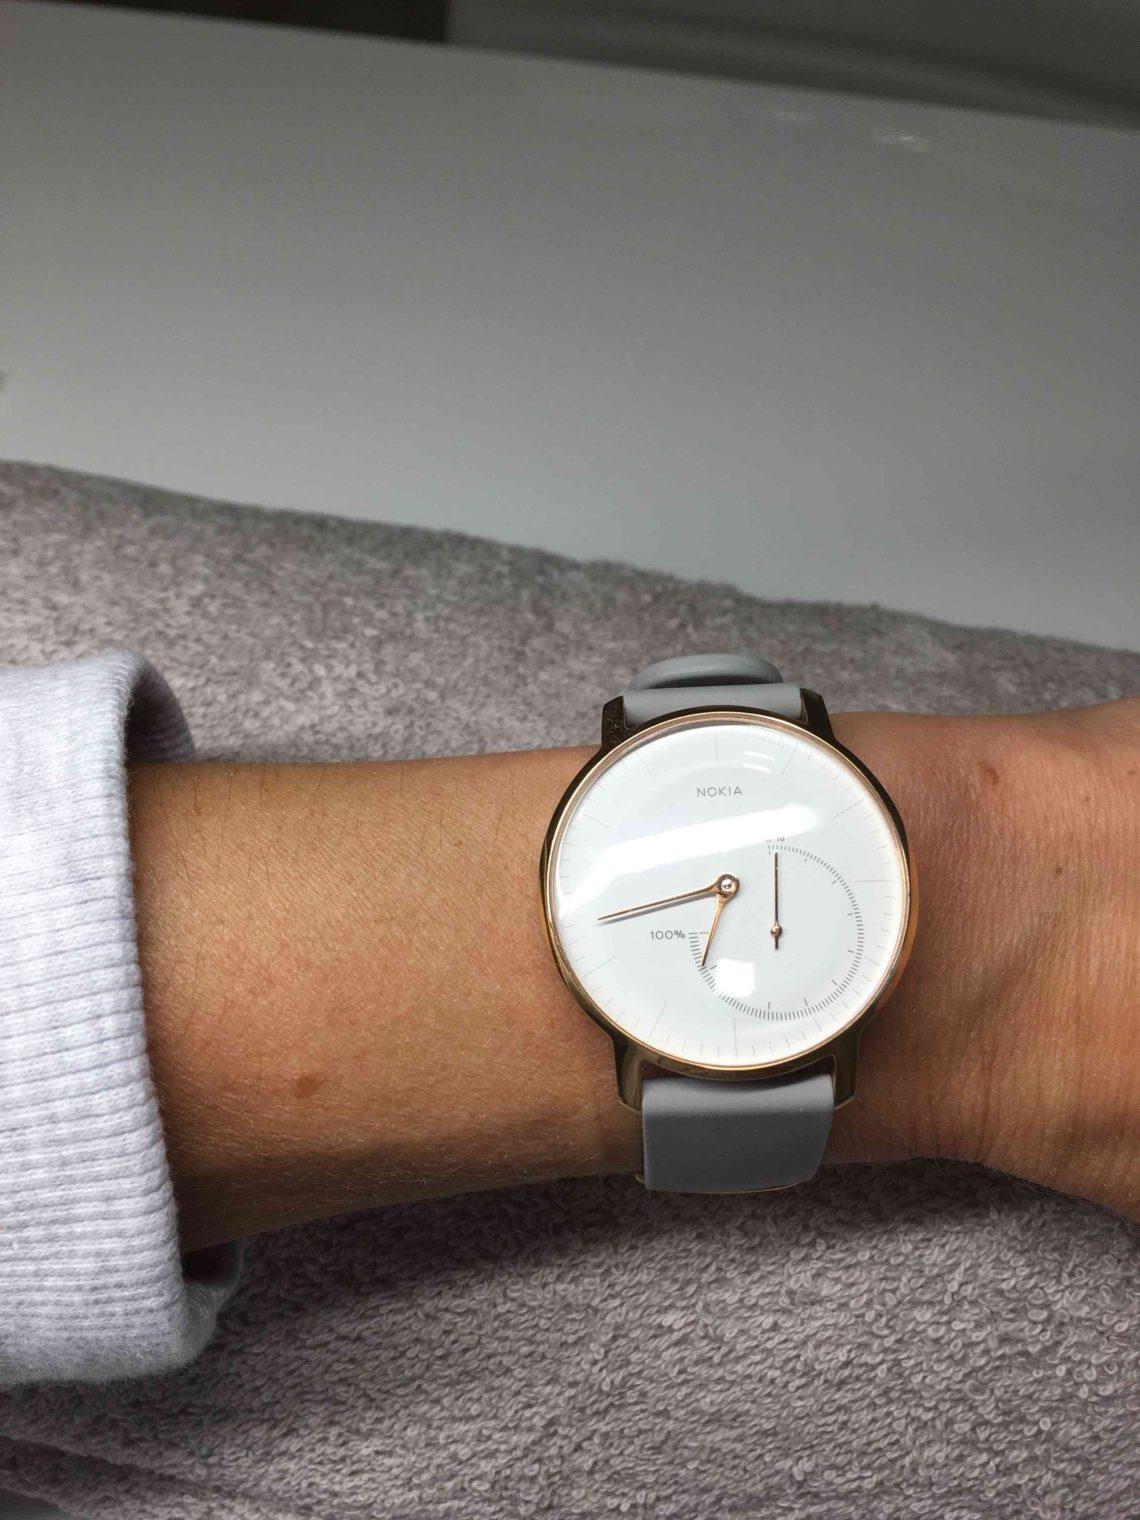 7e8222421 Recenze chytrých hodinek Nokia Activité Steel: luxus za přijatelnou cenu